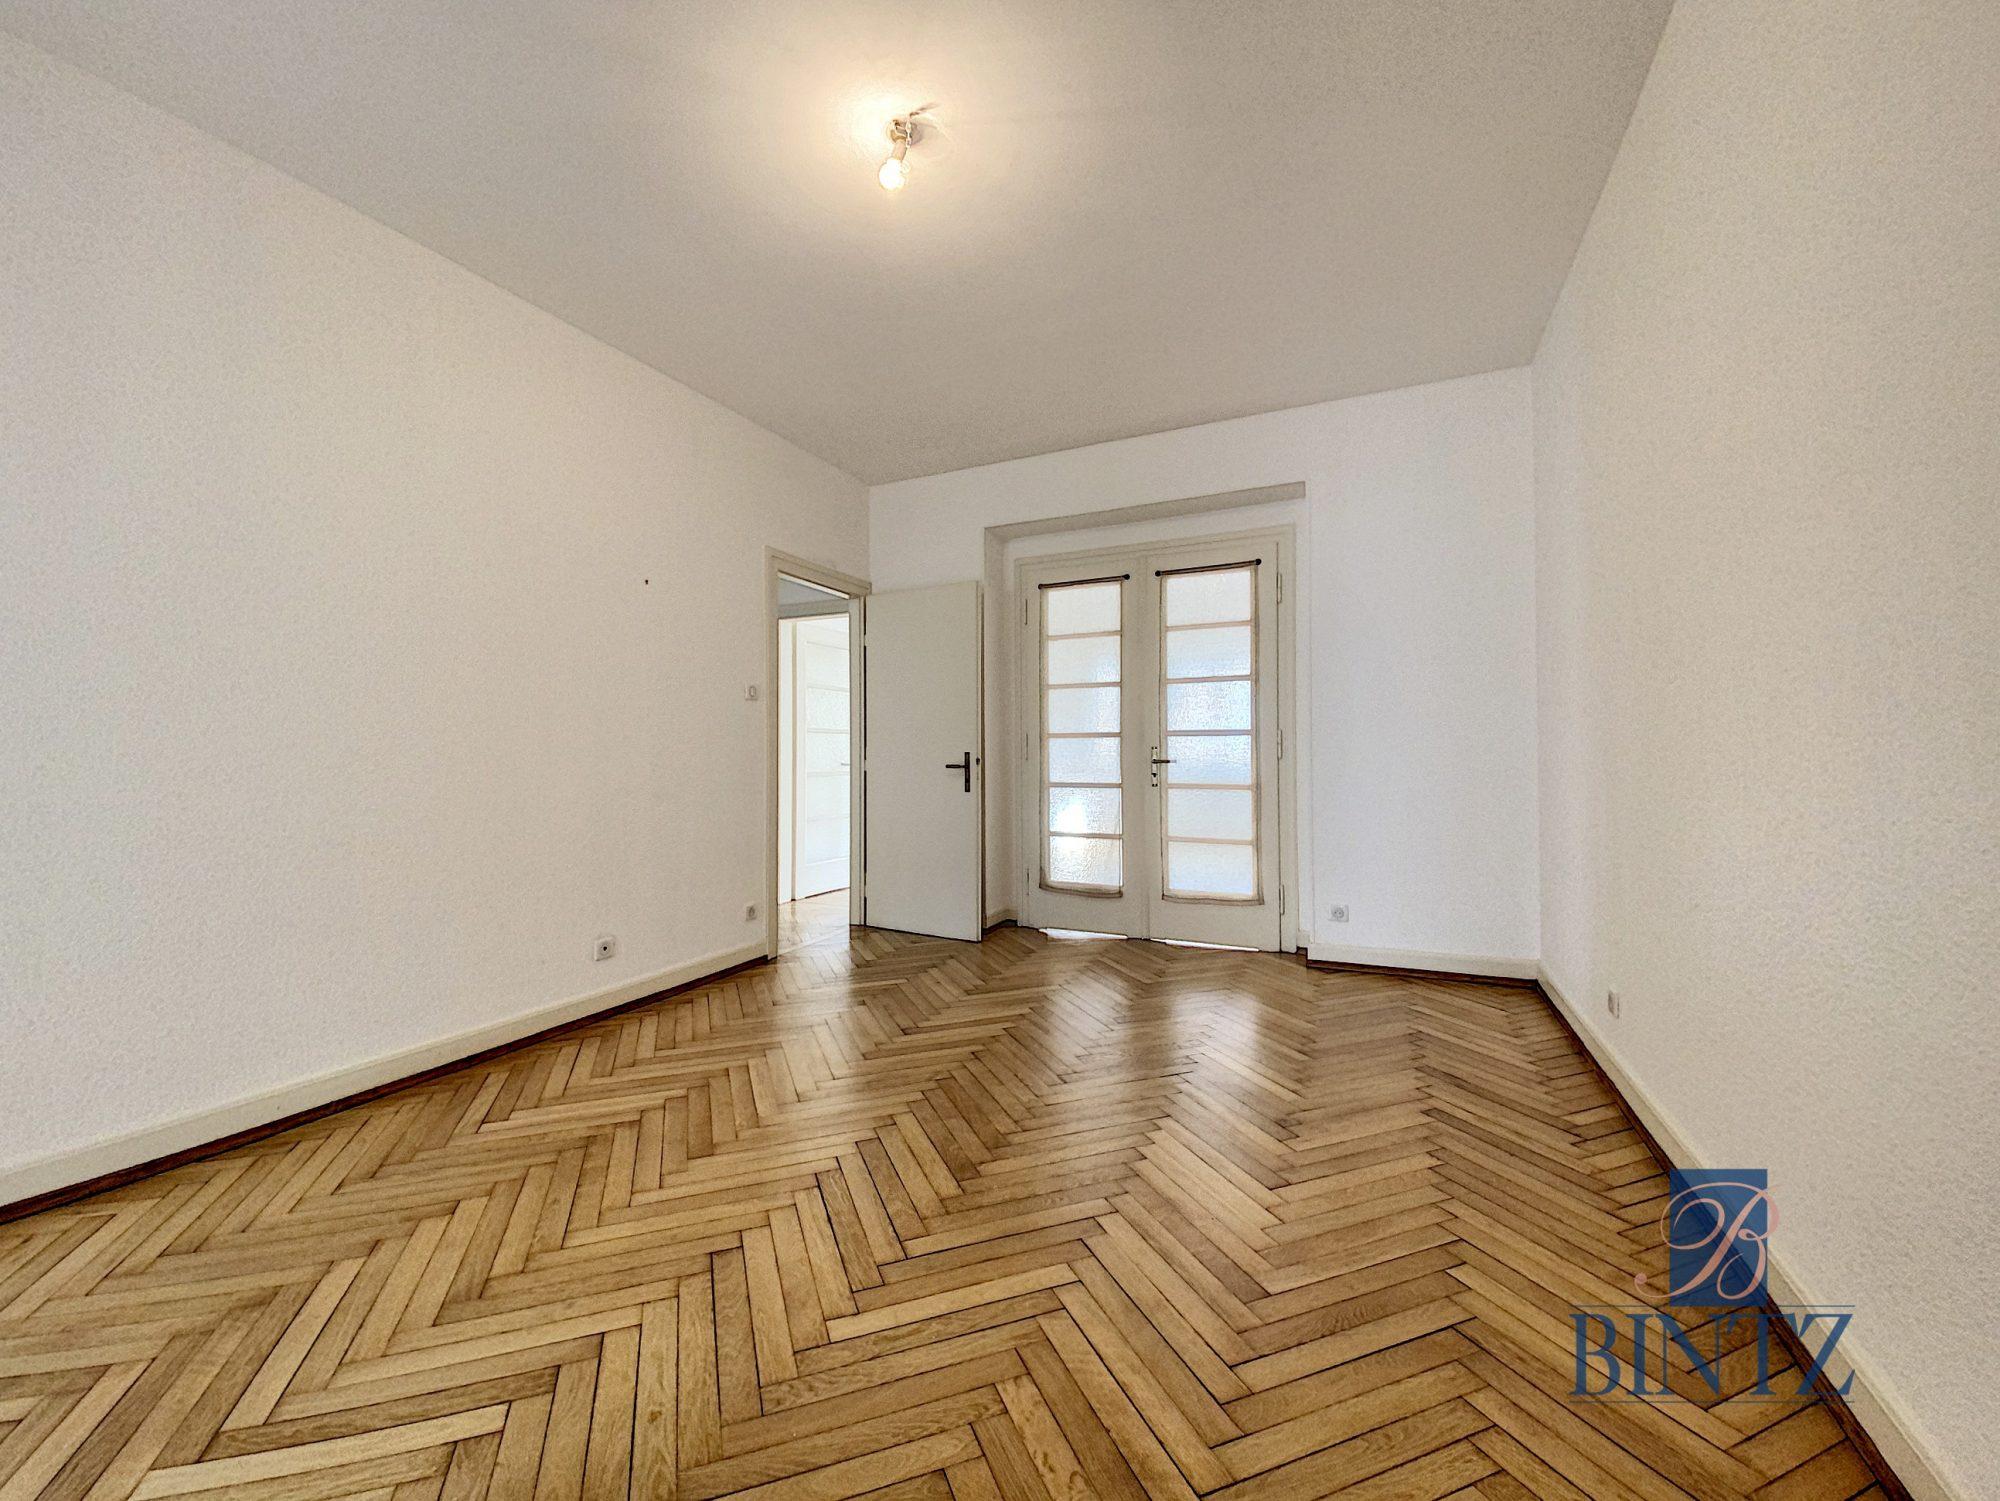 2 pièces orangerie avec balcon - Devenez locataire en toute sérénité - Bintz Immobilier - 2